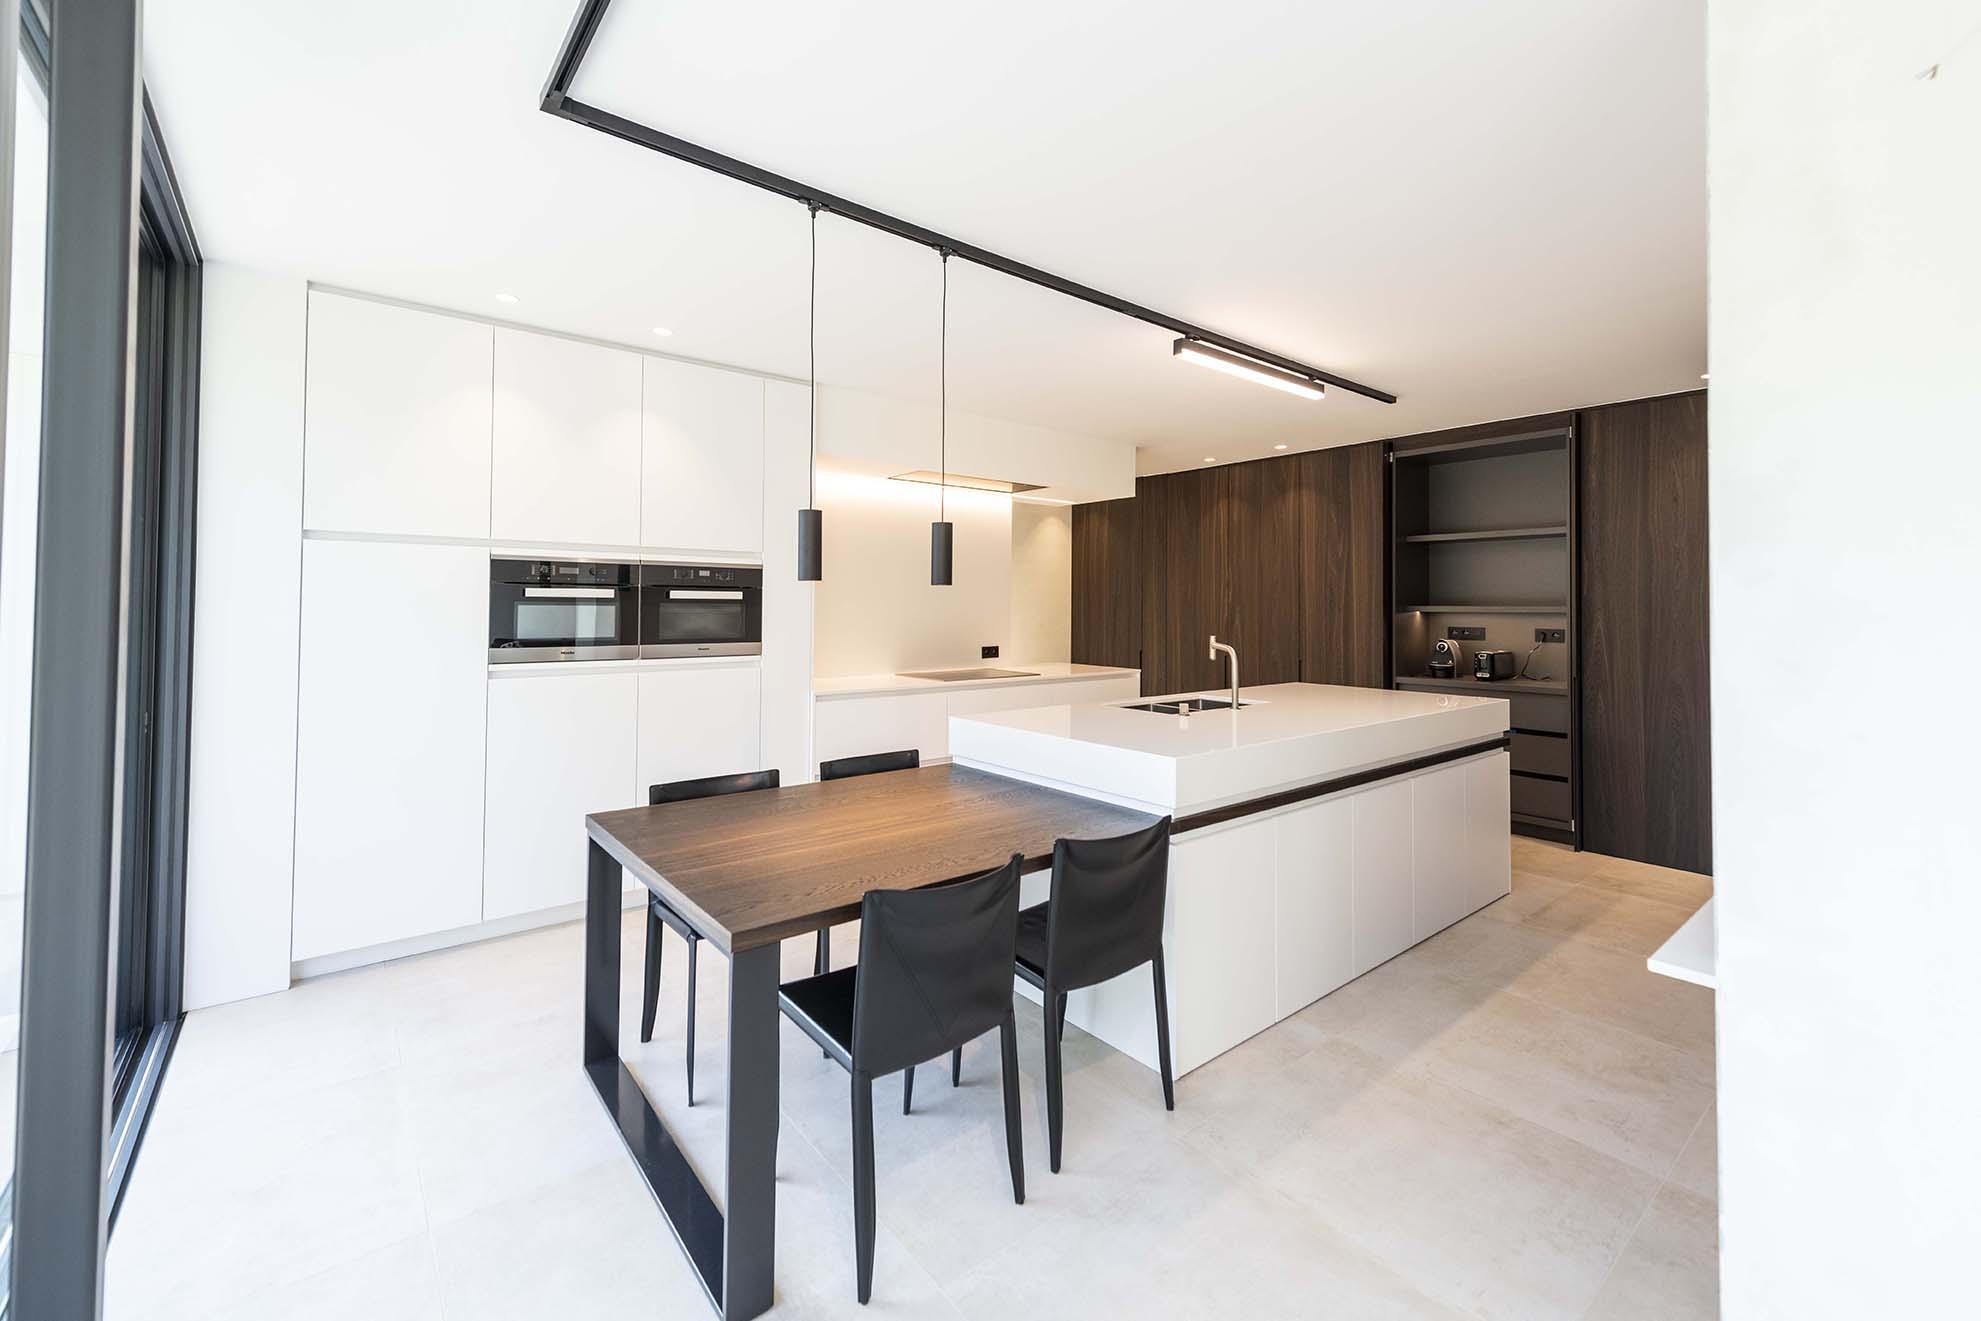 Einde Witte Keuken : Witte strakke keuken en badkamer van den bossche keuken